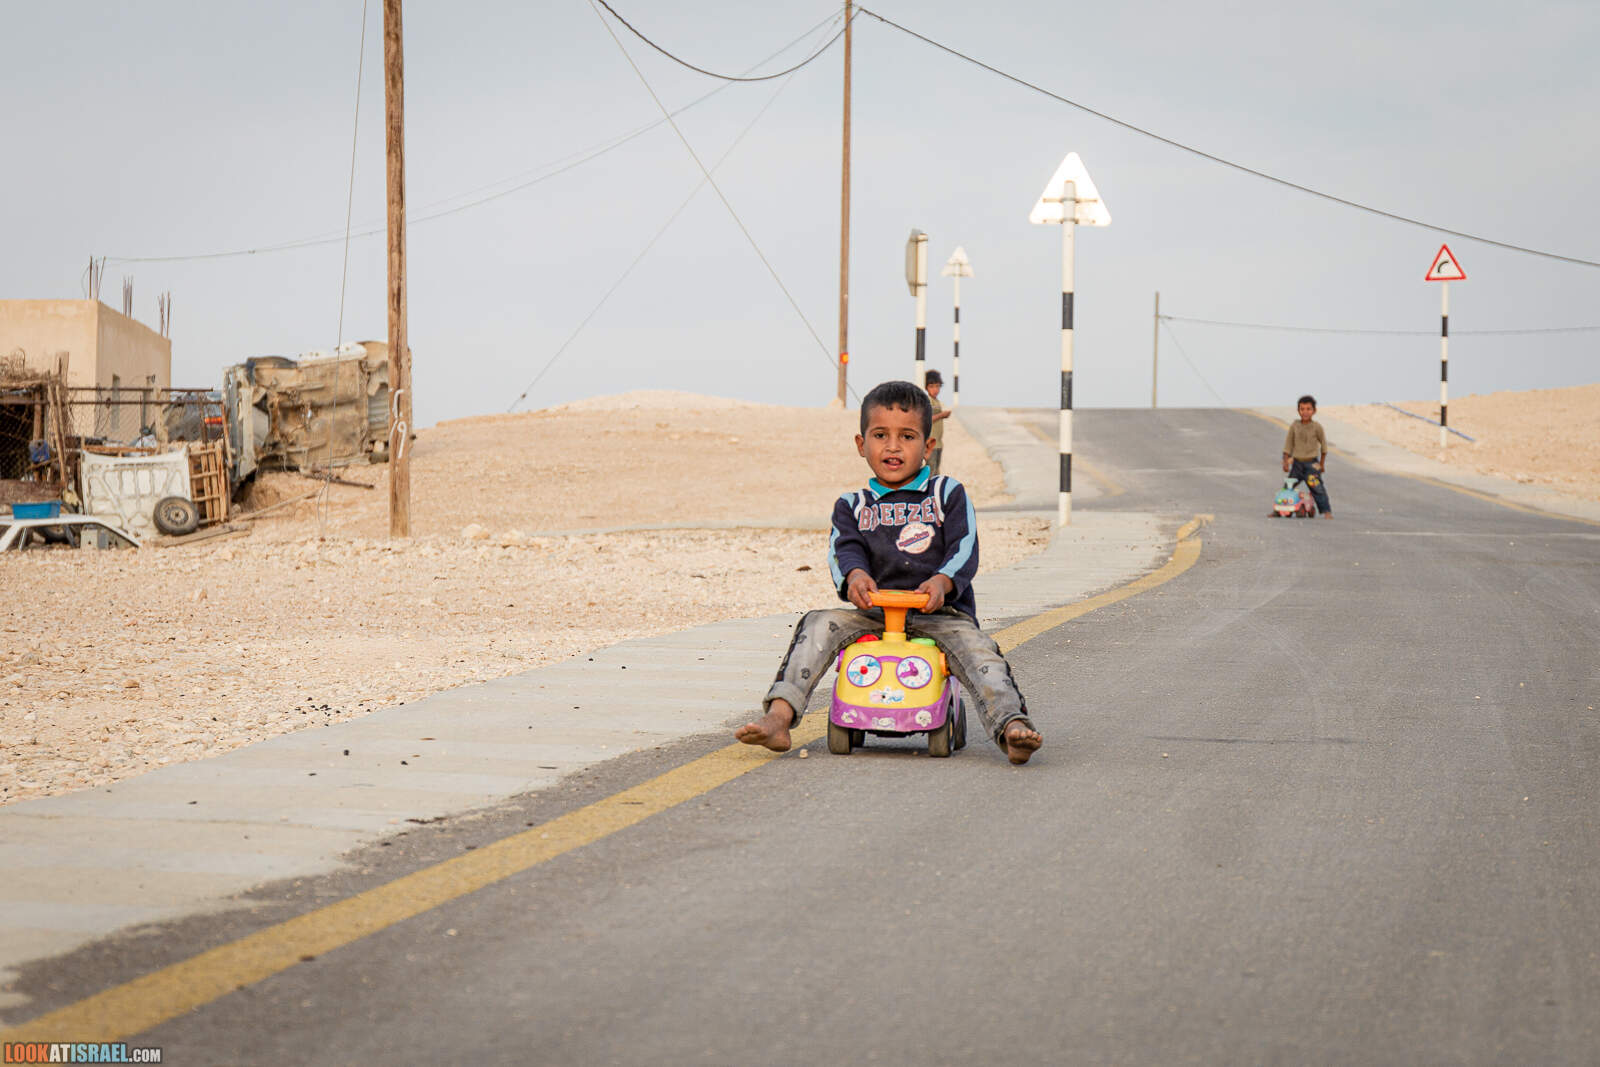 Дети в бедуинском поселке | LookAtIsrael.com - Фото путешествия по Израилю